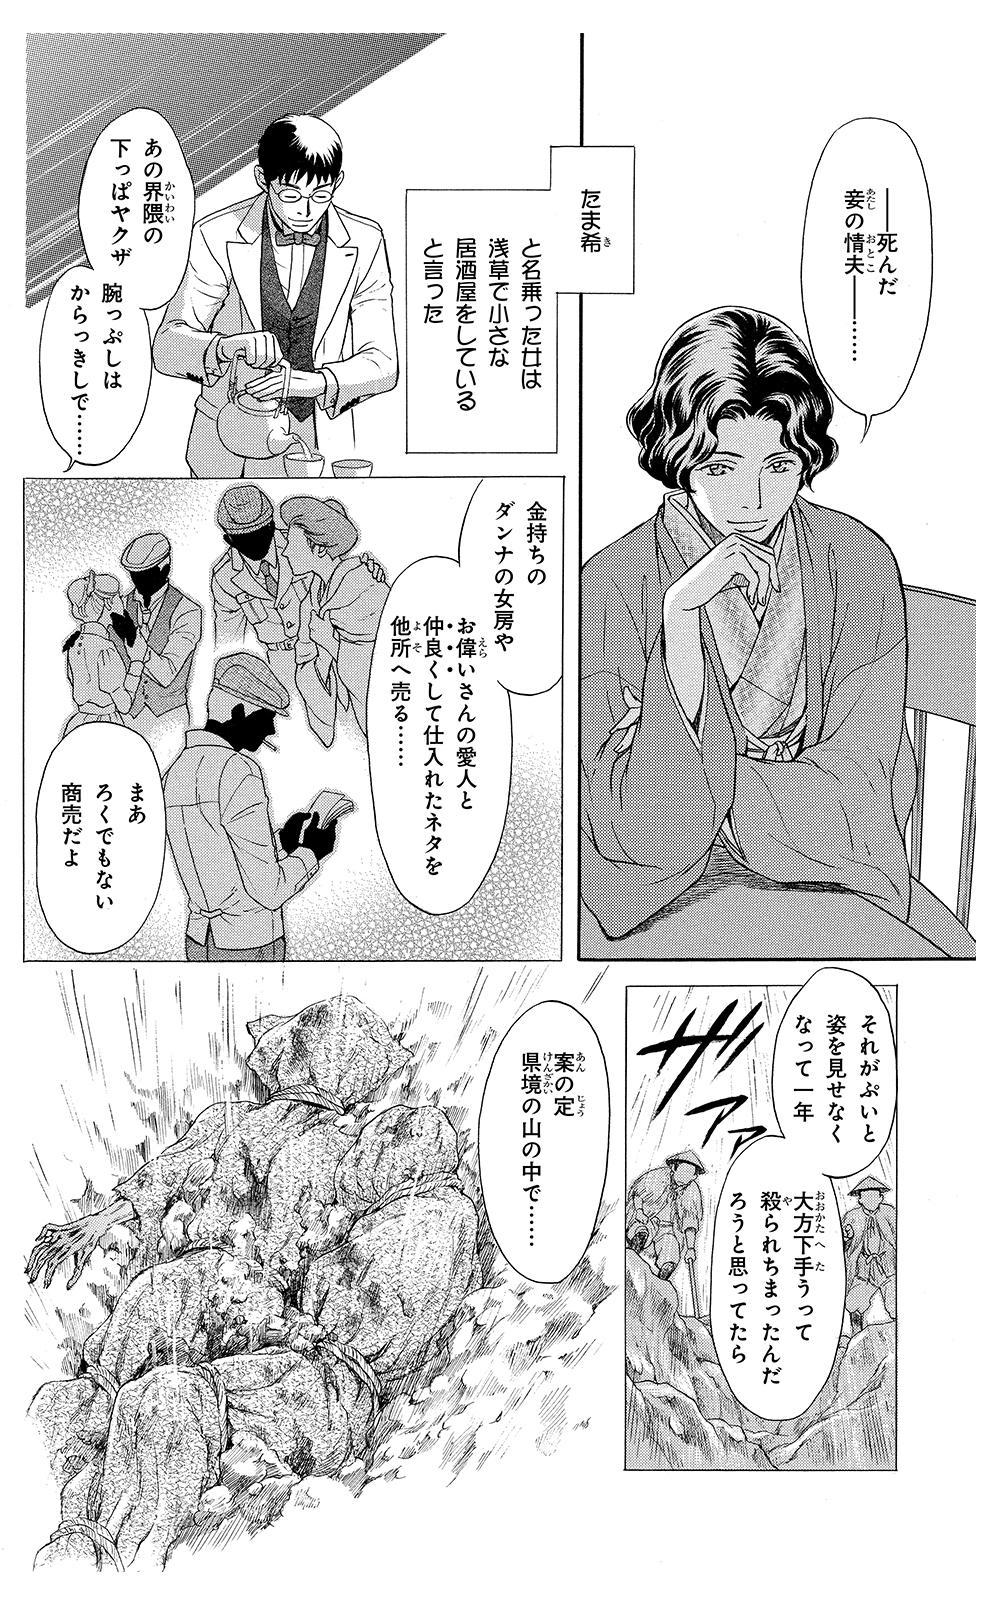 鵼の絵師 第2話「おきみやげ」①nue03-08.jpg